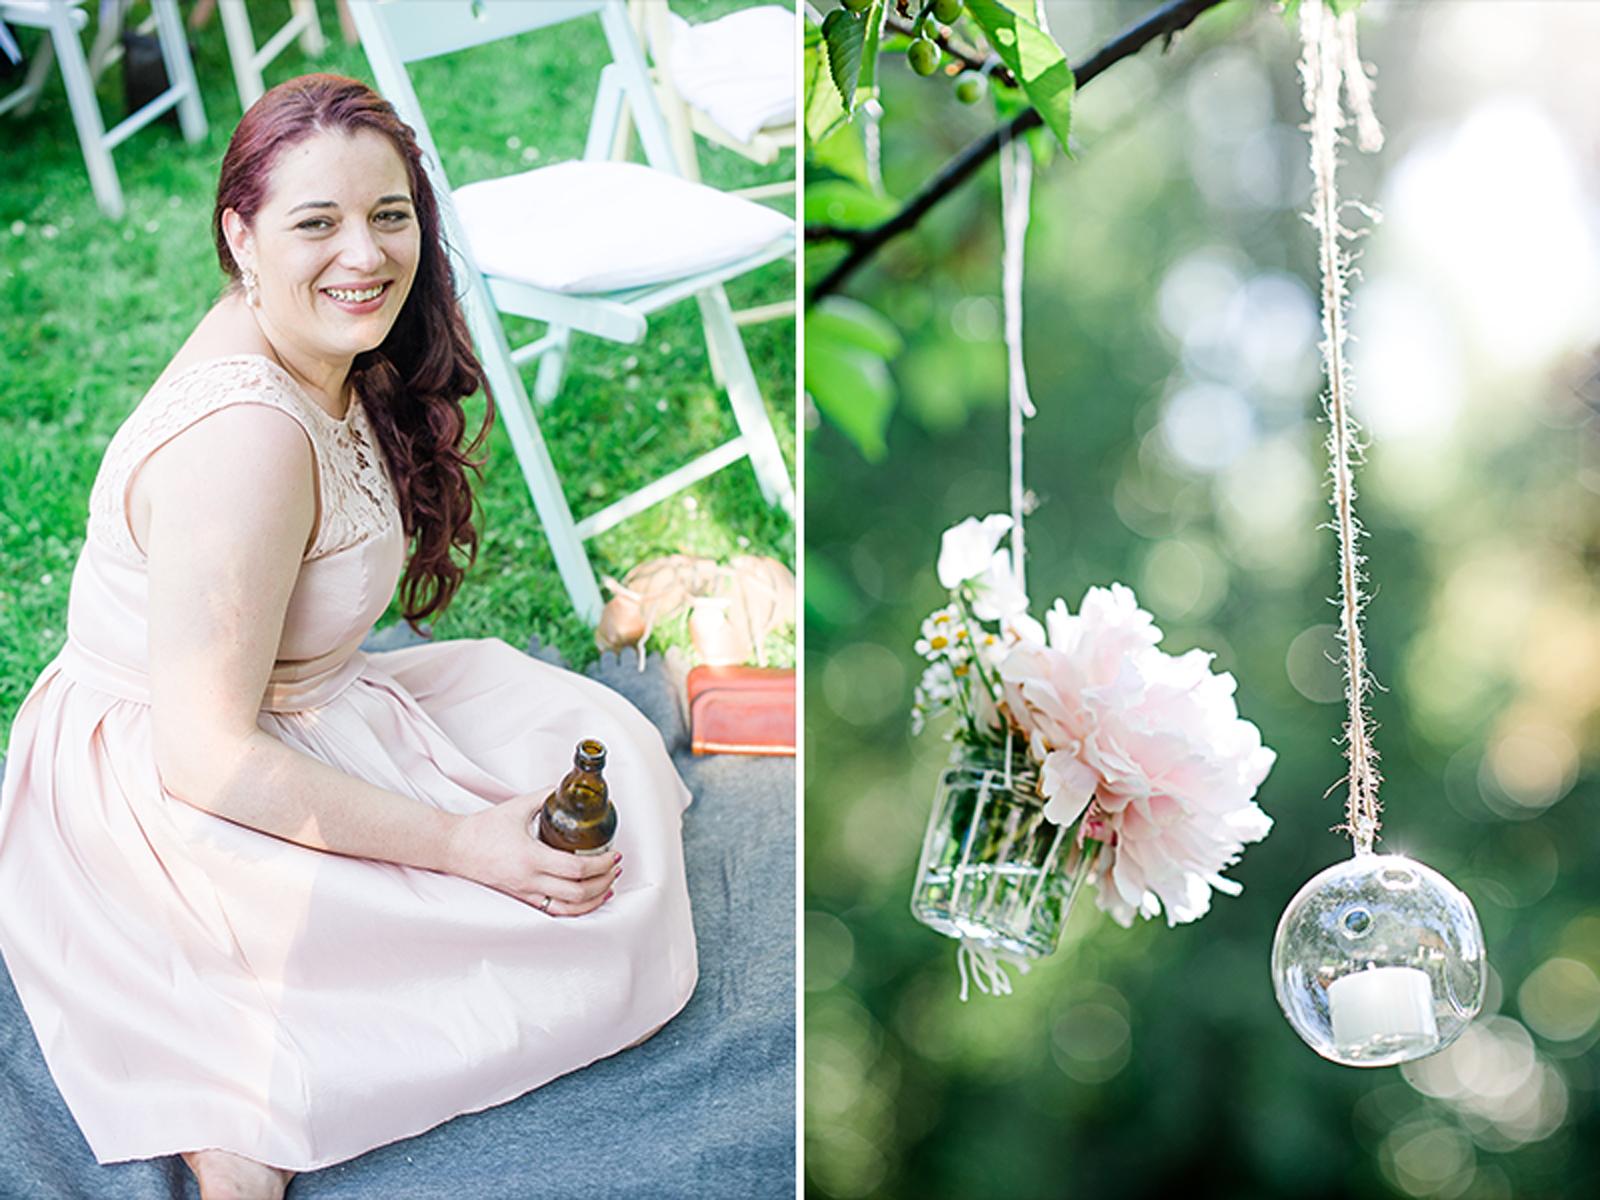 AdobeBridgeBatchRenameTemp10Britta Schunck Photography_bohowedding_gardenwedding_kirschof.jpg